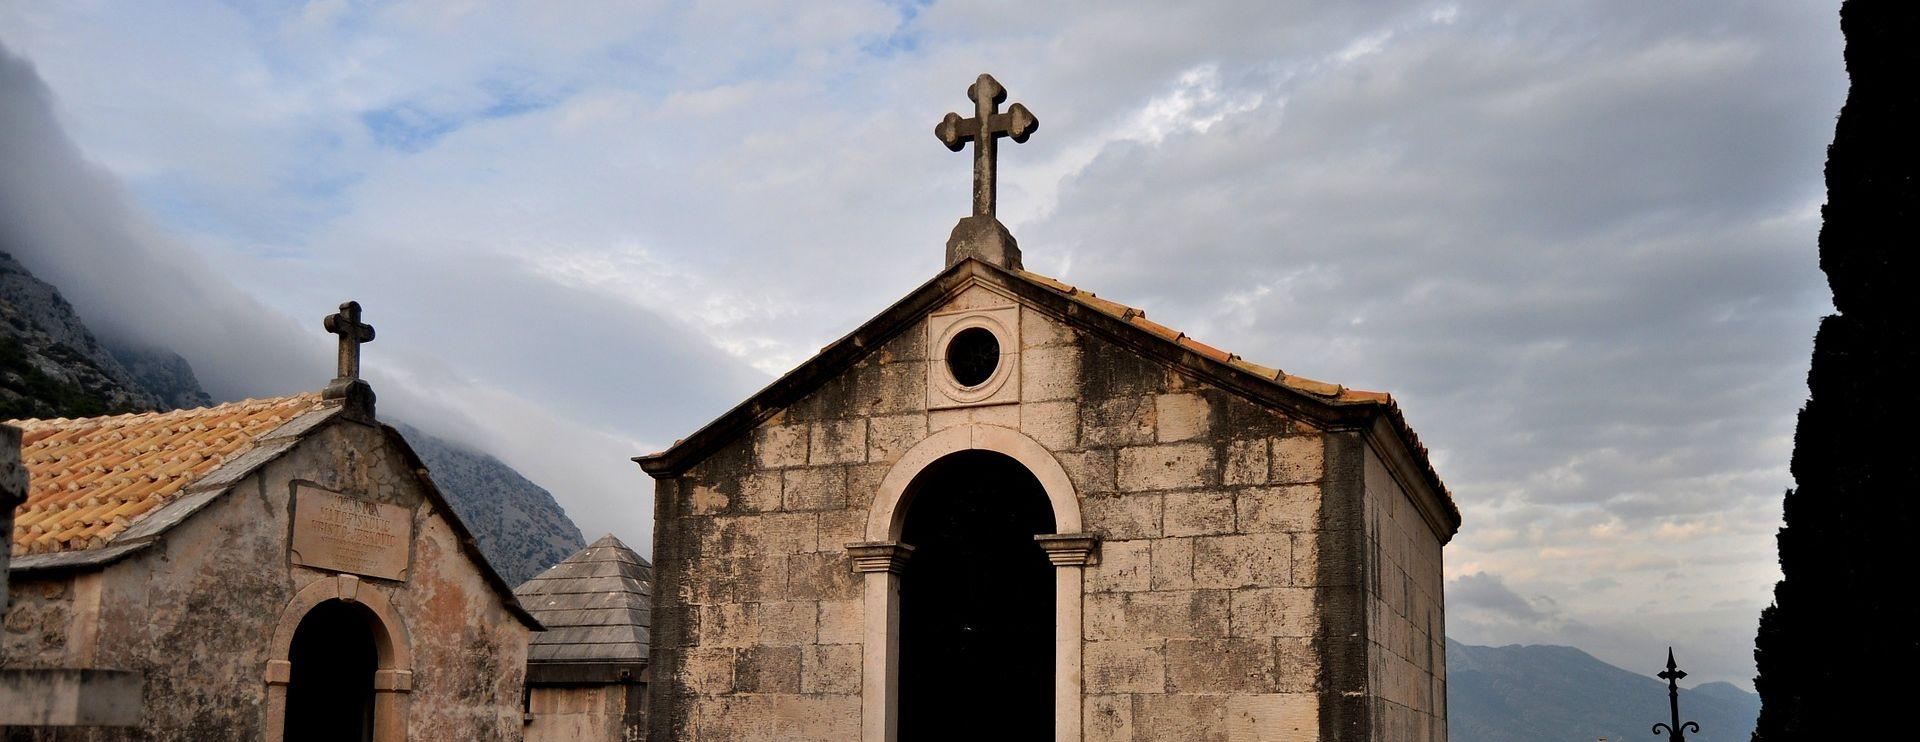 NEZAMAPĆEN ZLOČIN U VOJVODINI Pretučen opat franjevačkog samostana u Baču, sumnja se na pljačku